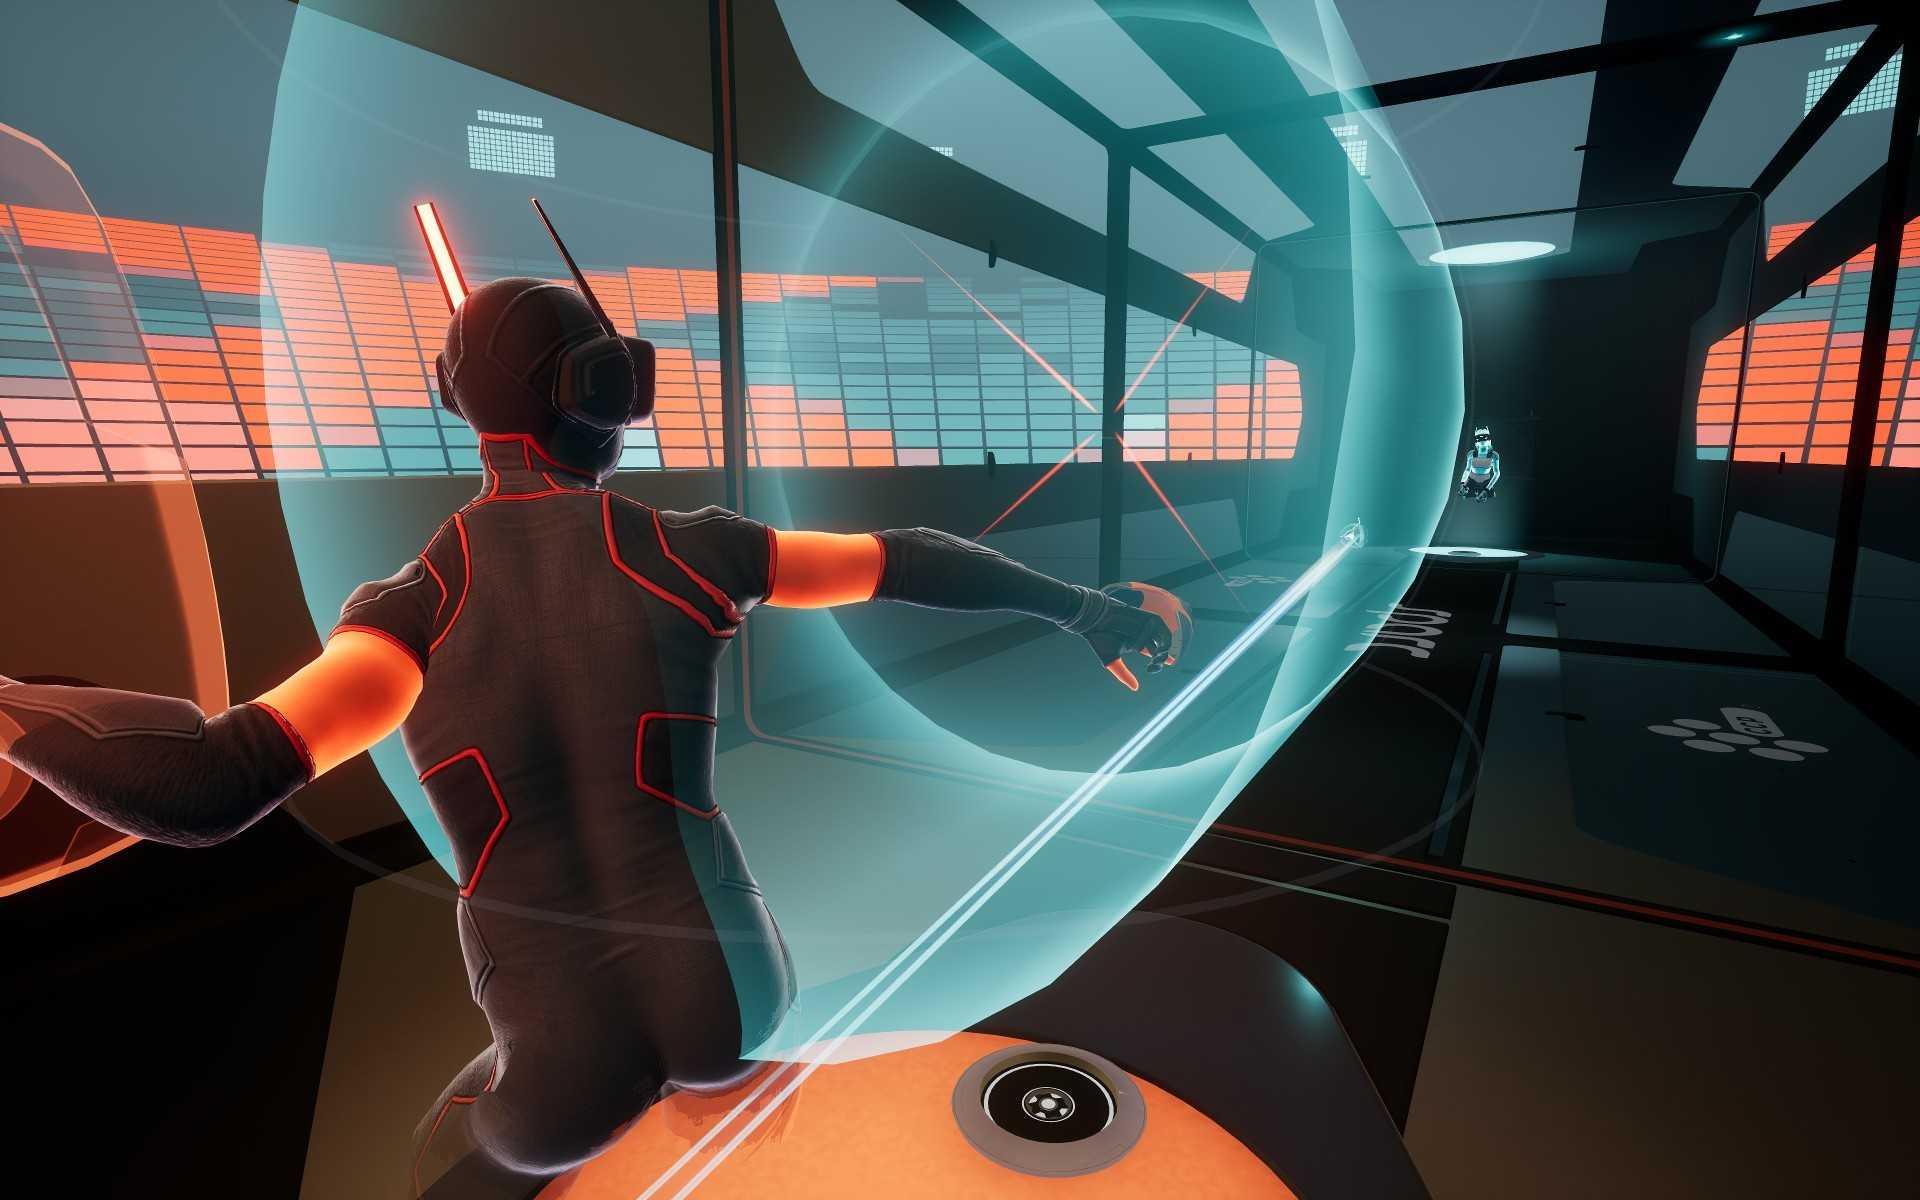 Die beiden Spieler bewerfen sich in der VR-Umgebung mit Energiebällen.